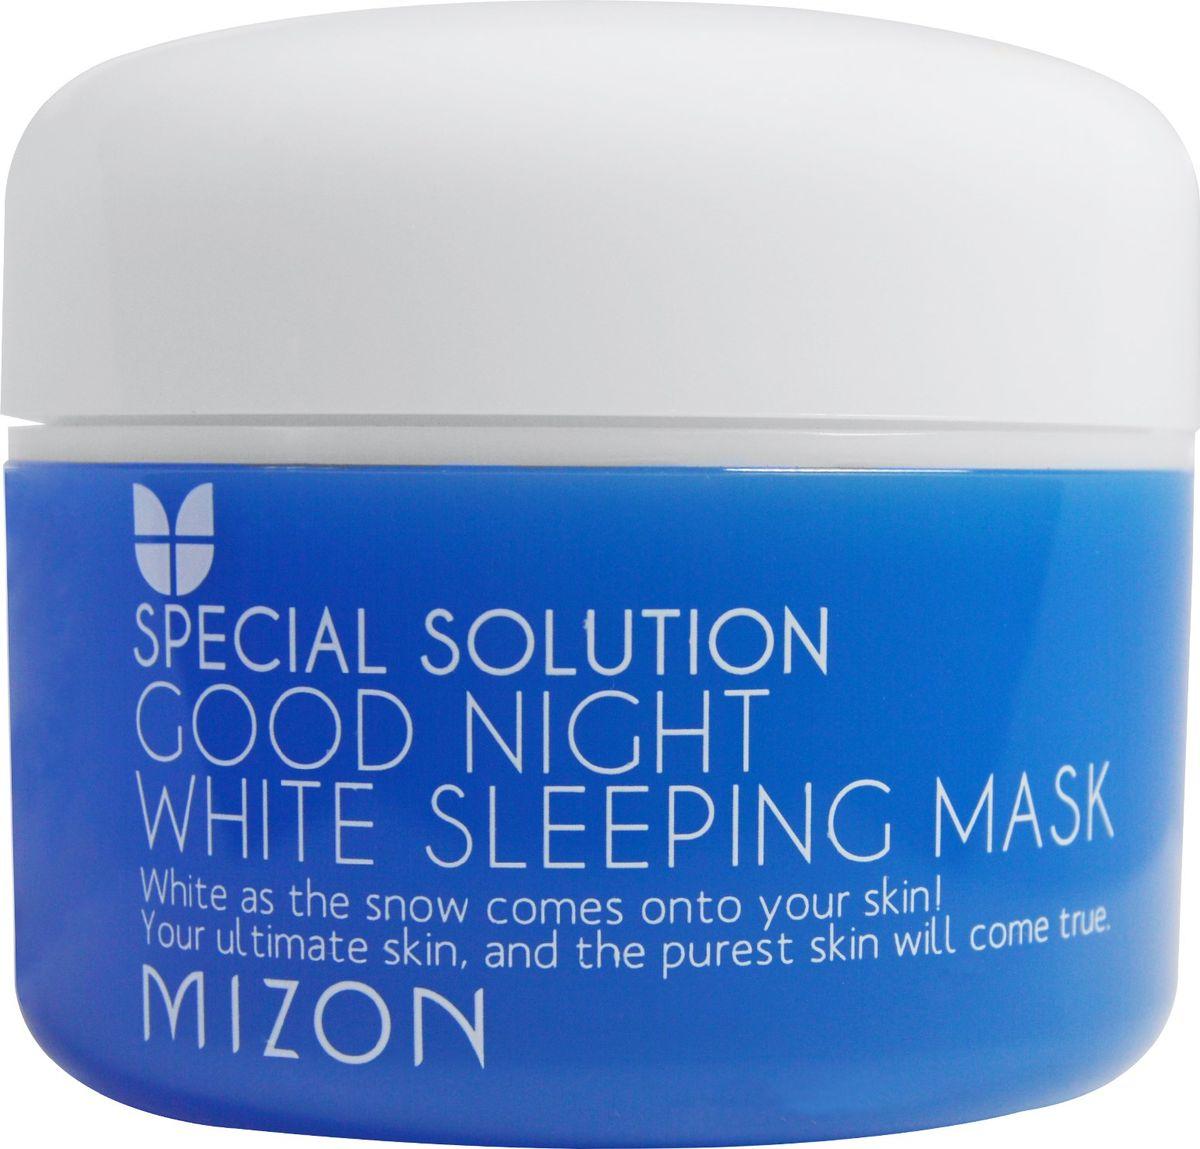 Mizon Ночная осветляющая маска Good Night White Sleeping Mask, 80 мл ночная осветляющая маска mizon good night white sleeping mask tube